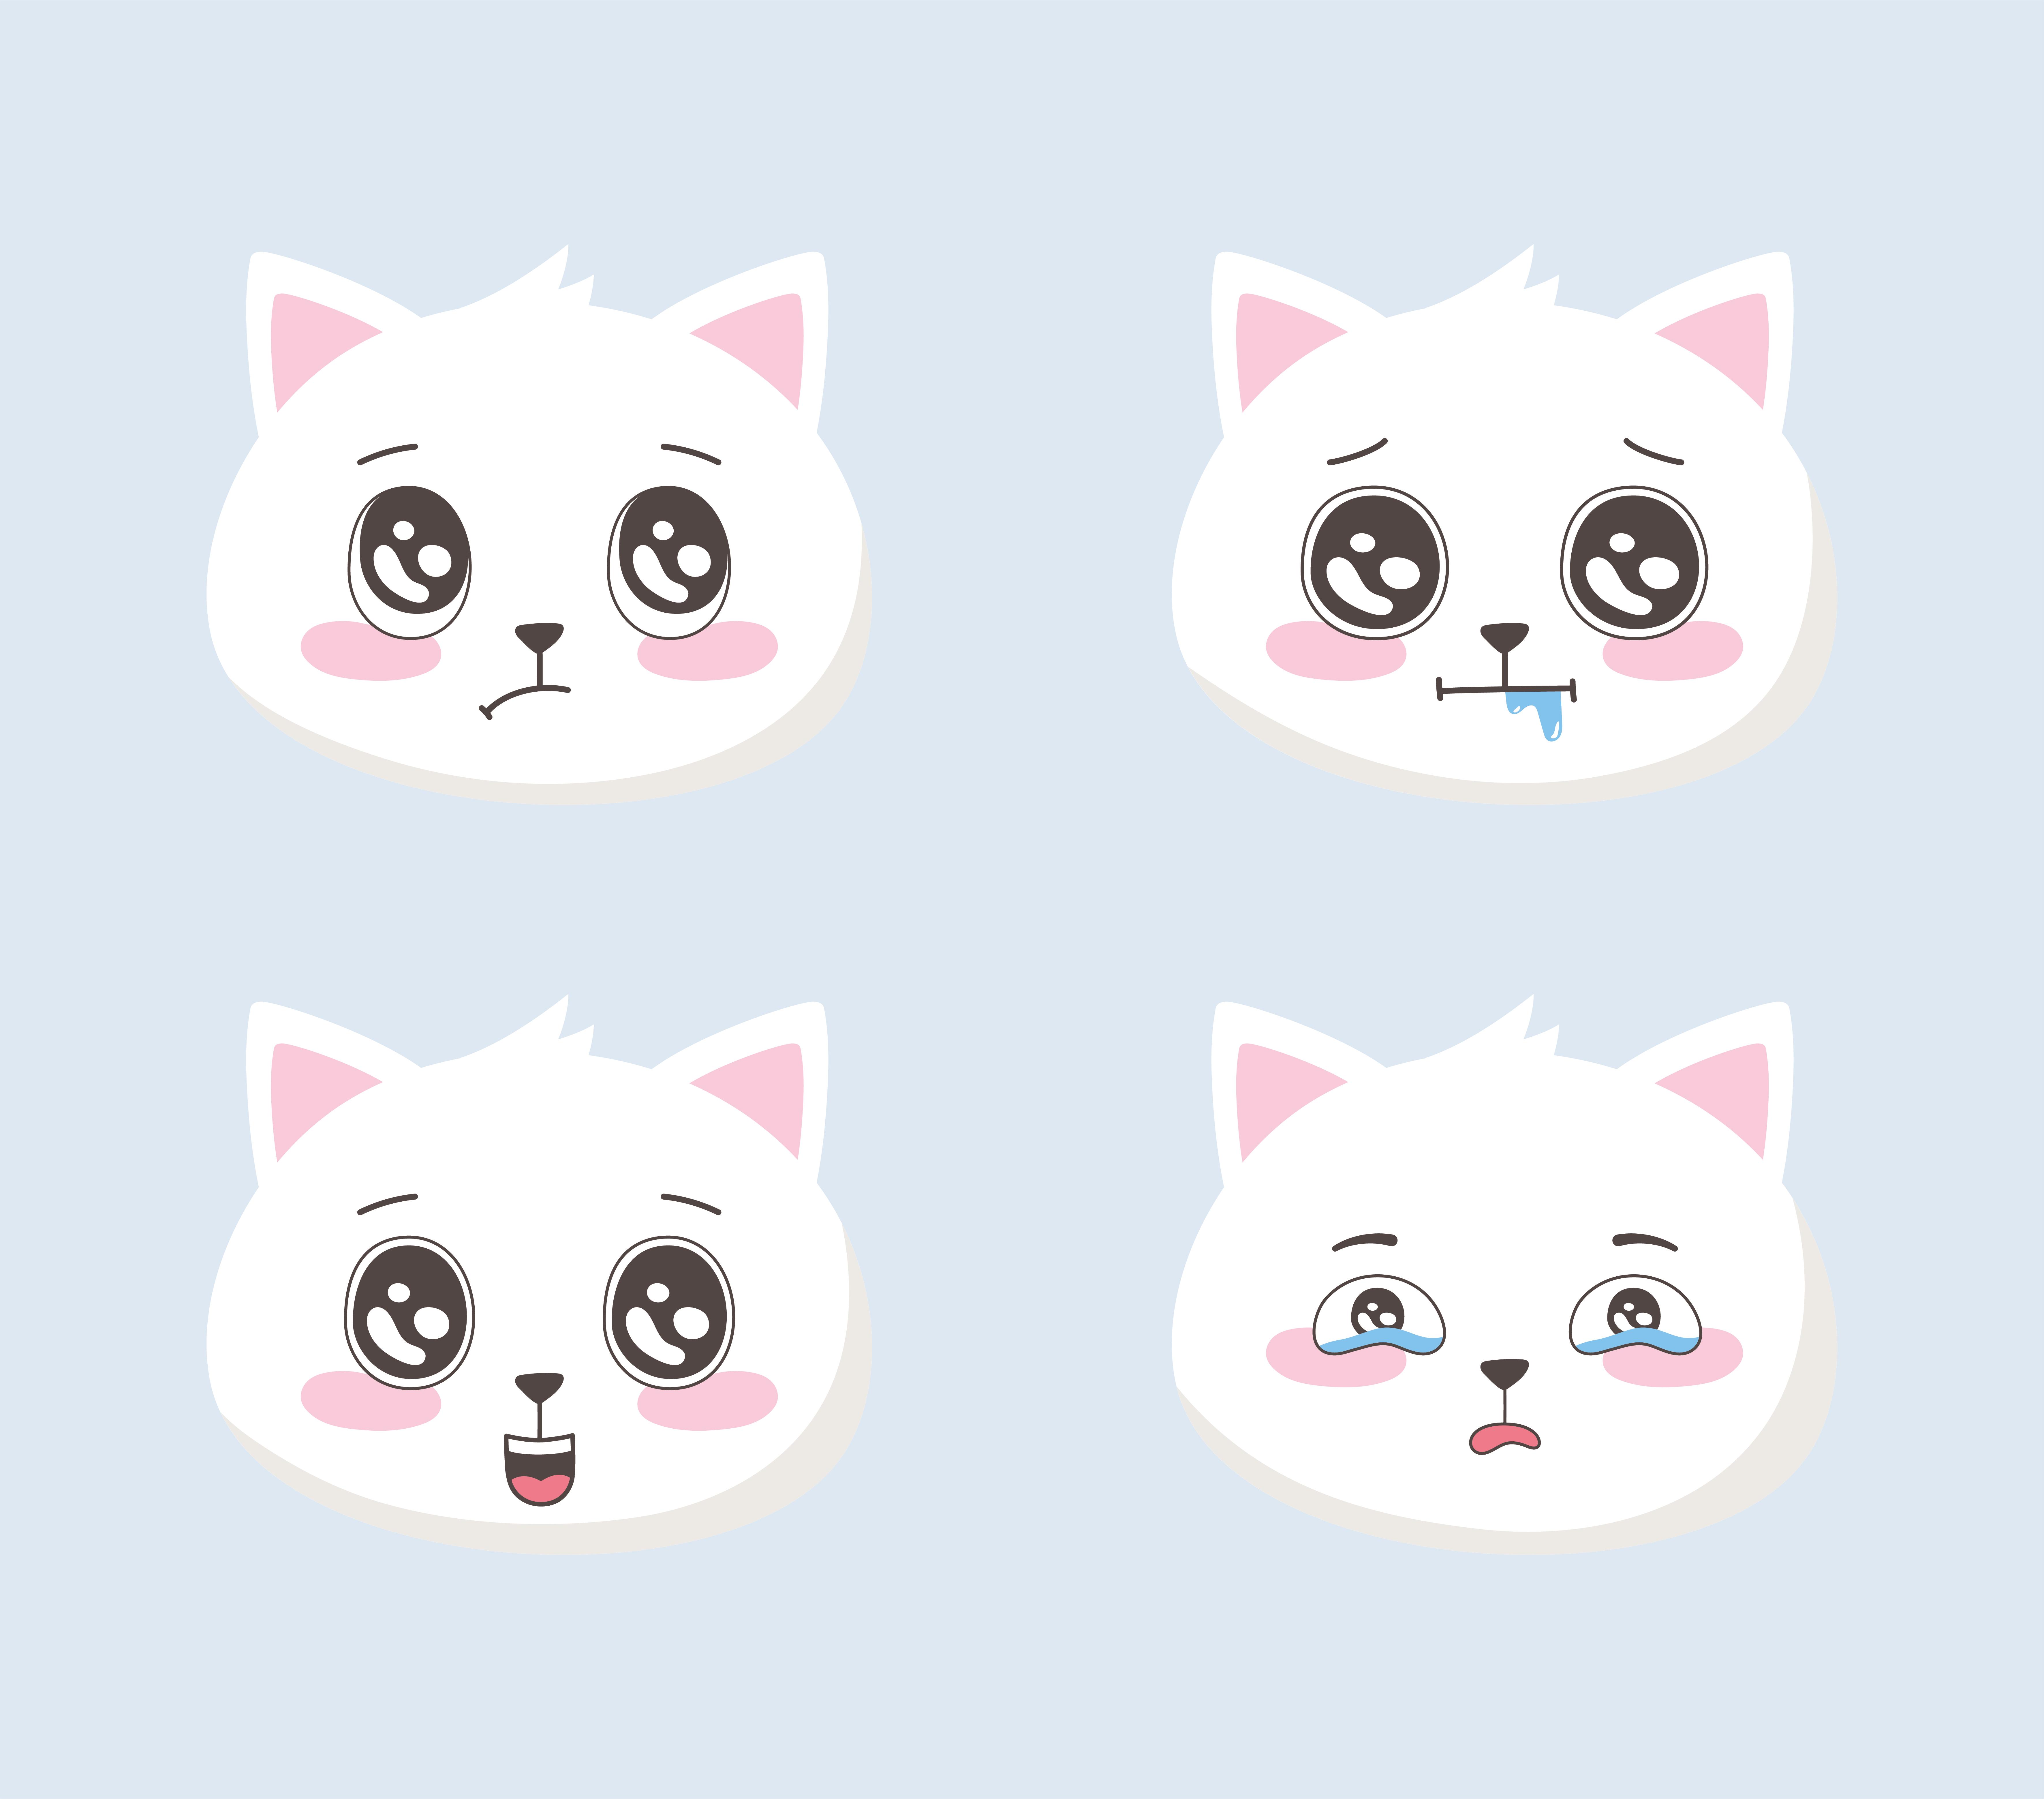 Mignon Chats Emoticones Dessin Anime Differents Visages Animaux Droles Telecharger Vectoriel Gratuit Clipart Graphique Vecteur Dessins Et Pictogramme Gratuit